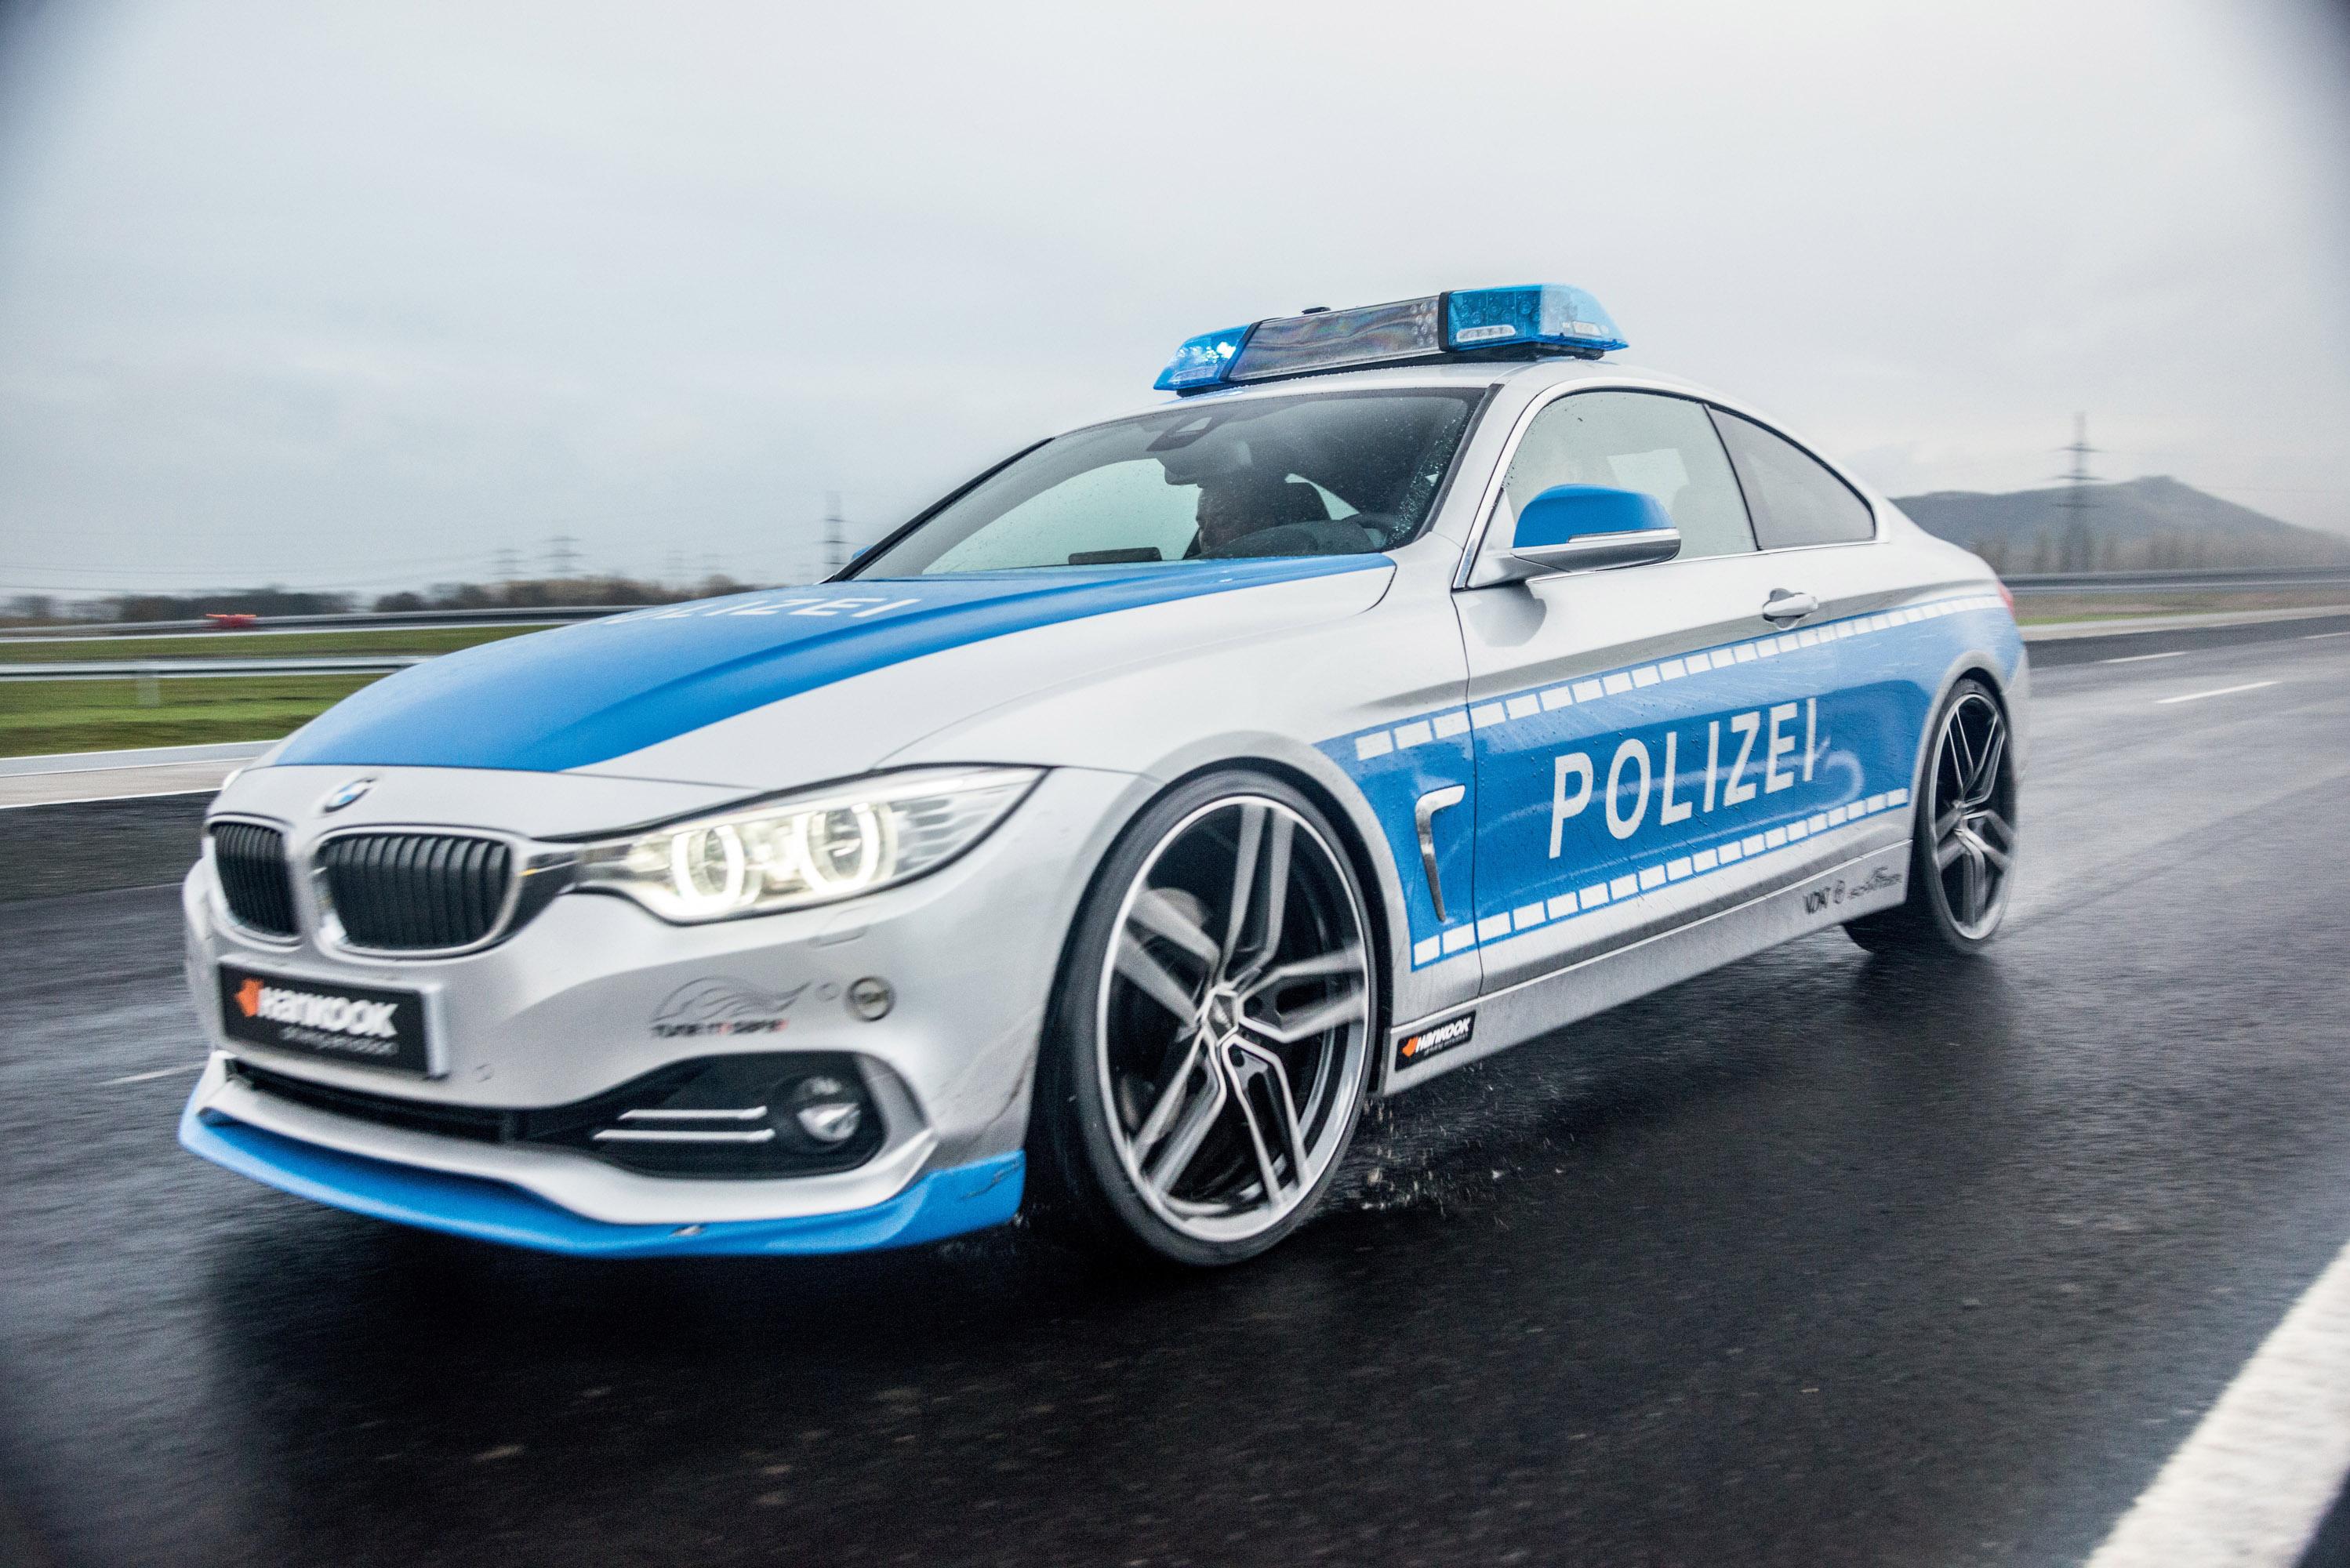 АС Шнитцер ACS4 БМВ купе 2.8 в концепции полицейских автомобилей - фотография №1